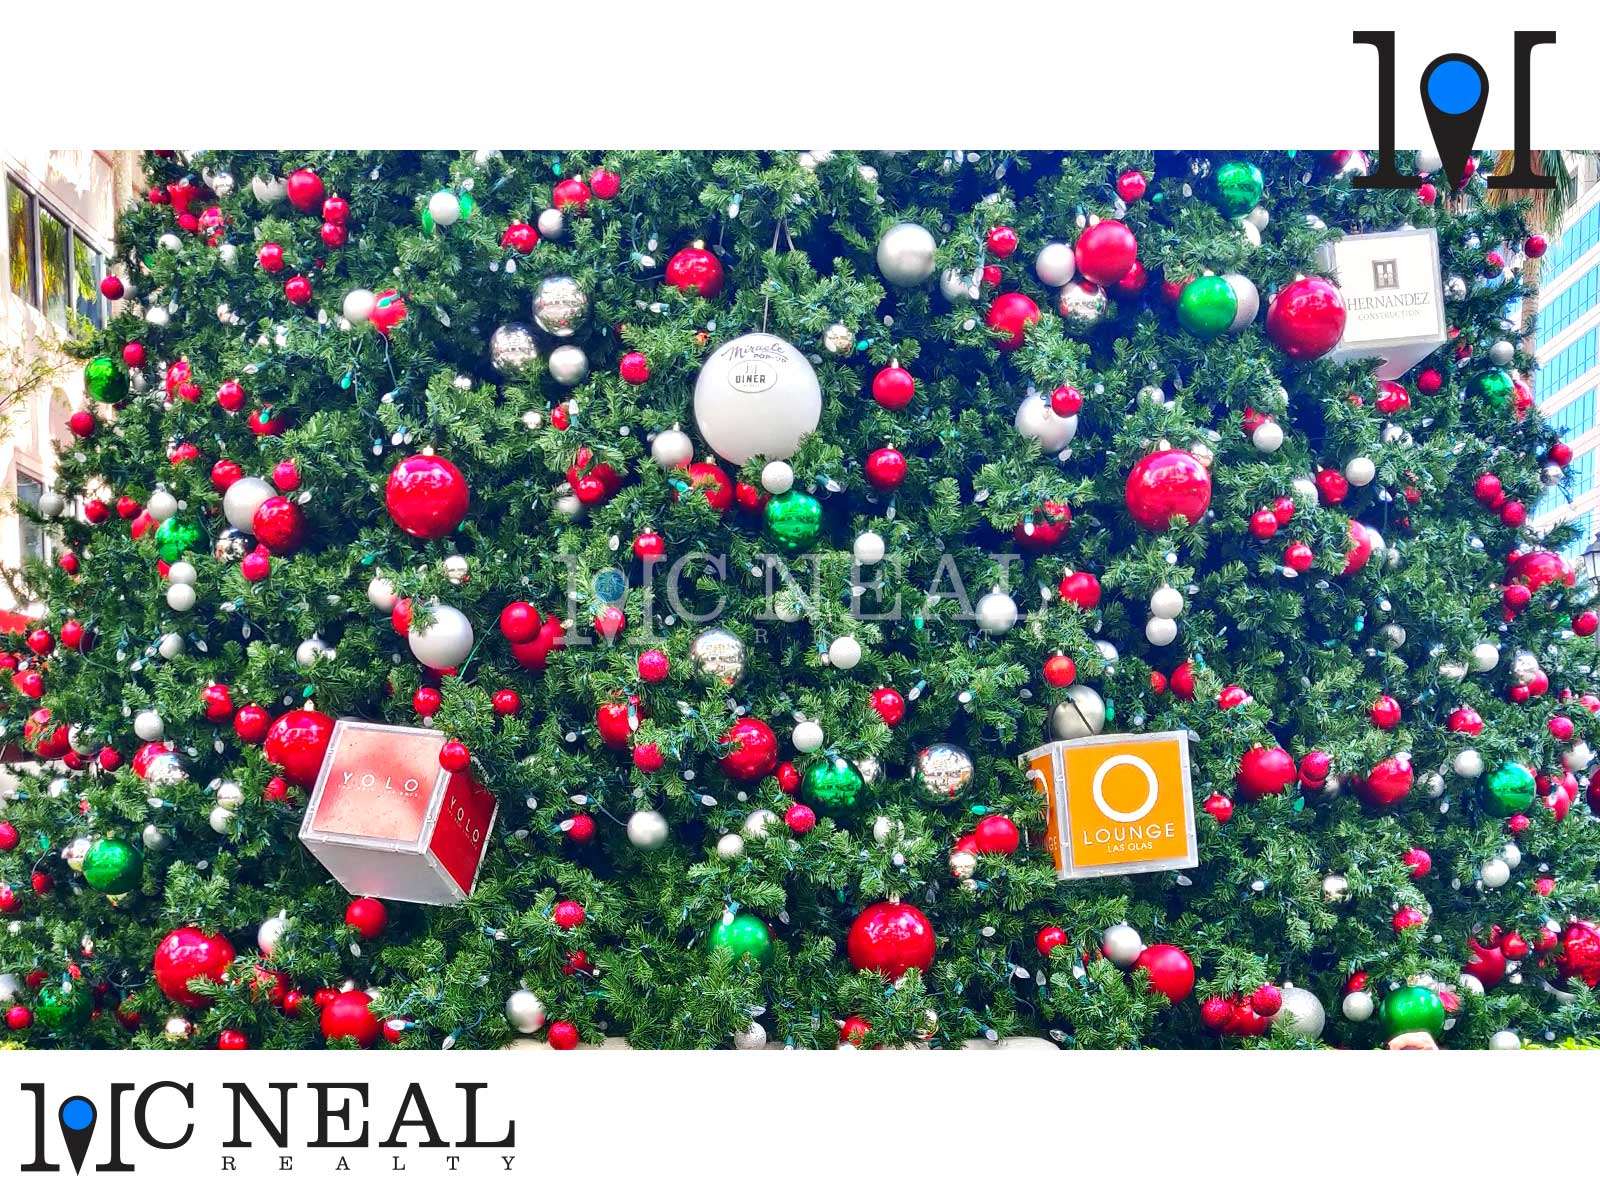 12 Days Of Christmas Las Olas image 01